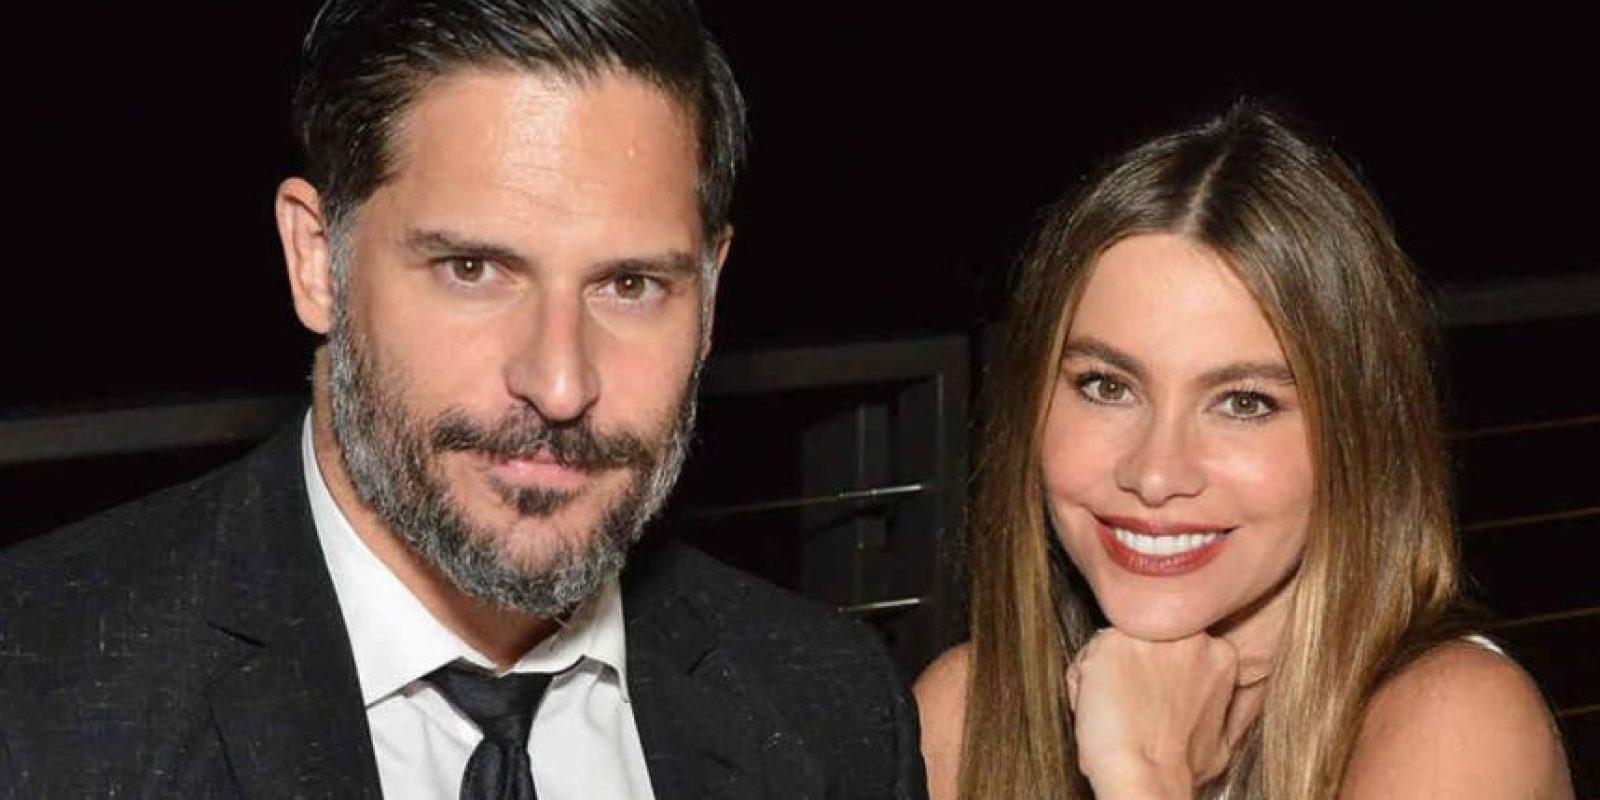 Así luce la pareja desde su matrimonio. Foto:Vía Instagram/@sofiavergara